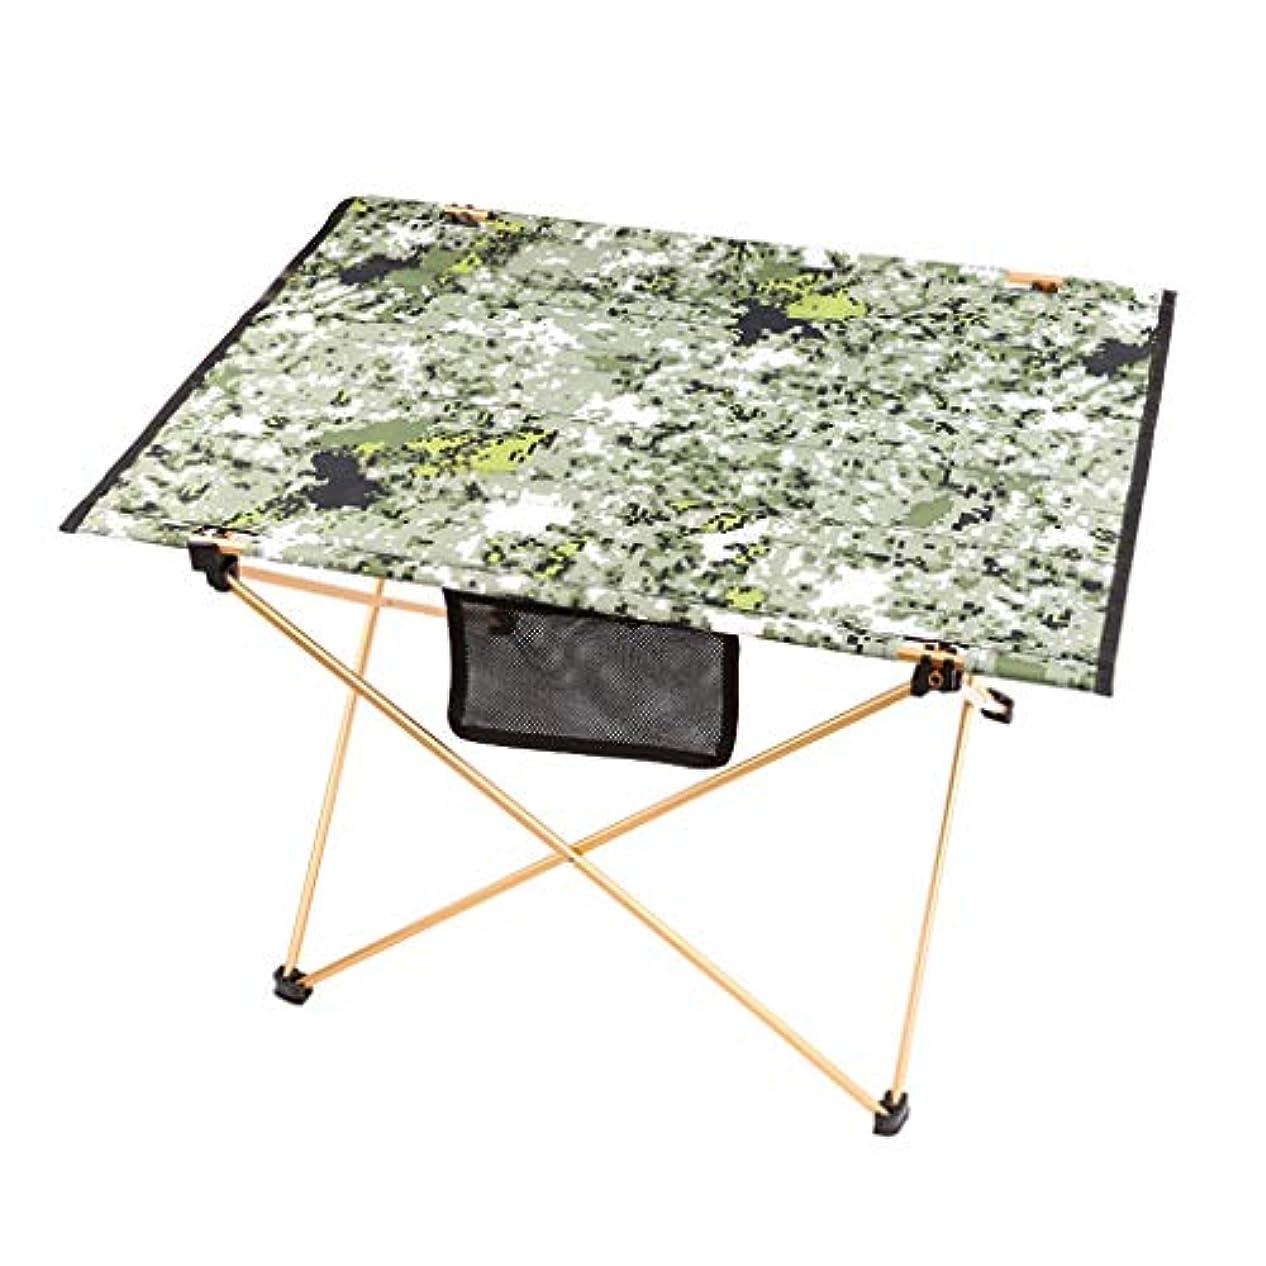 反射いろいろブラジャーテーブル?チェアセット 折りたたみテーブルアルミブラケットポリエステルカウンター折りたたみテーブル迷彩屋外折りたたみテーブルピクニックキャンプディナーテーブル (Color : Green, Size : 70*50*45cm)